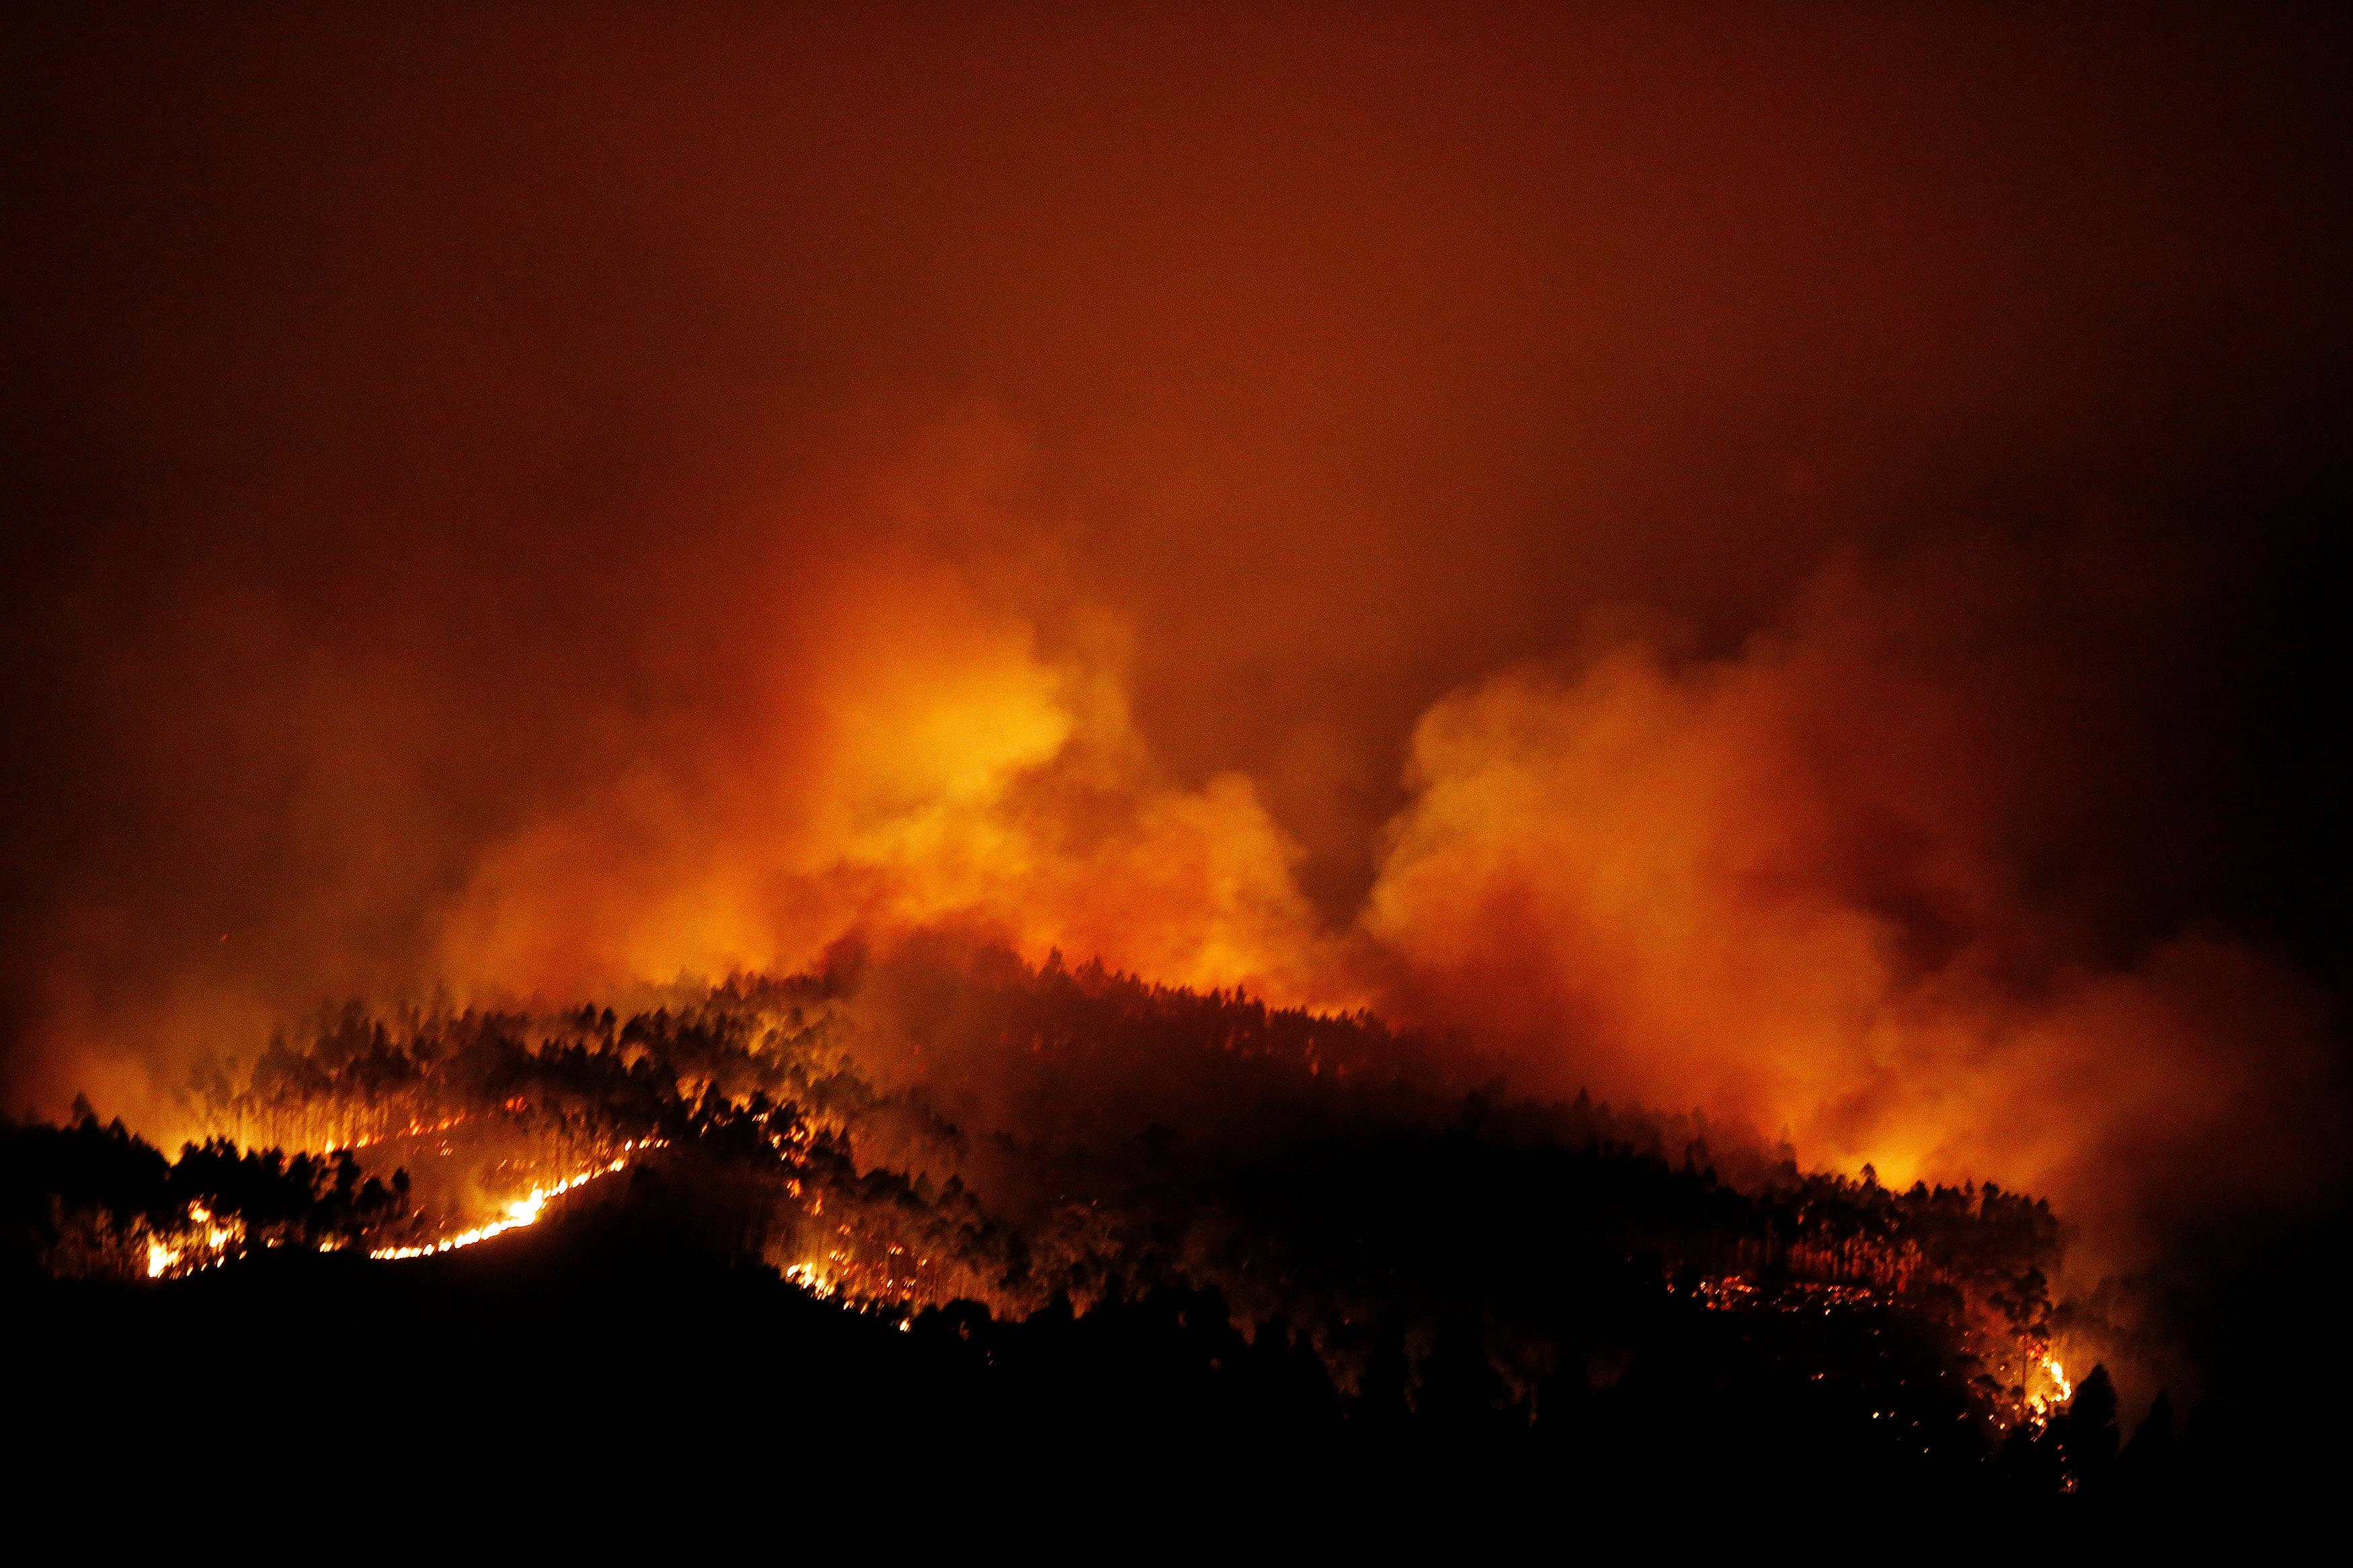 استمرار حرائق الغابات فى البرتغال